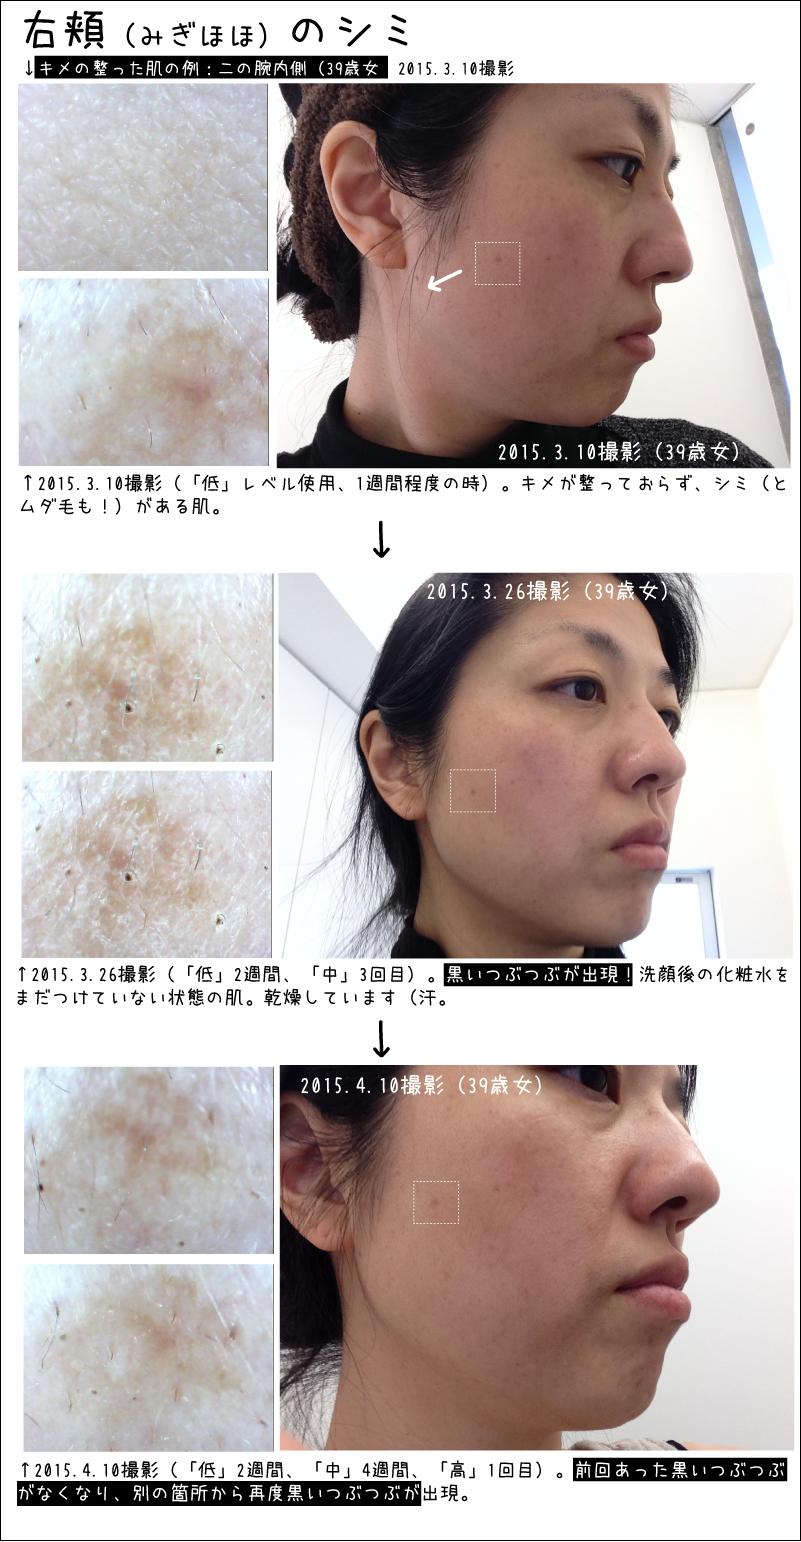 トリアエイジングケアレーザー 頬のシミの変化 20150410